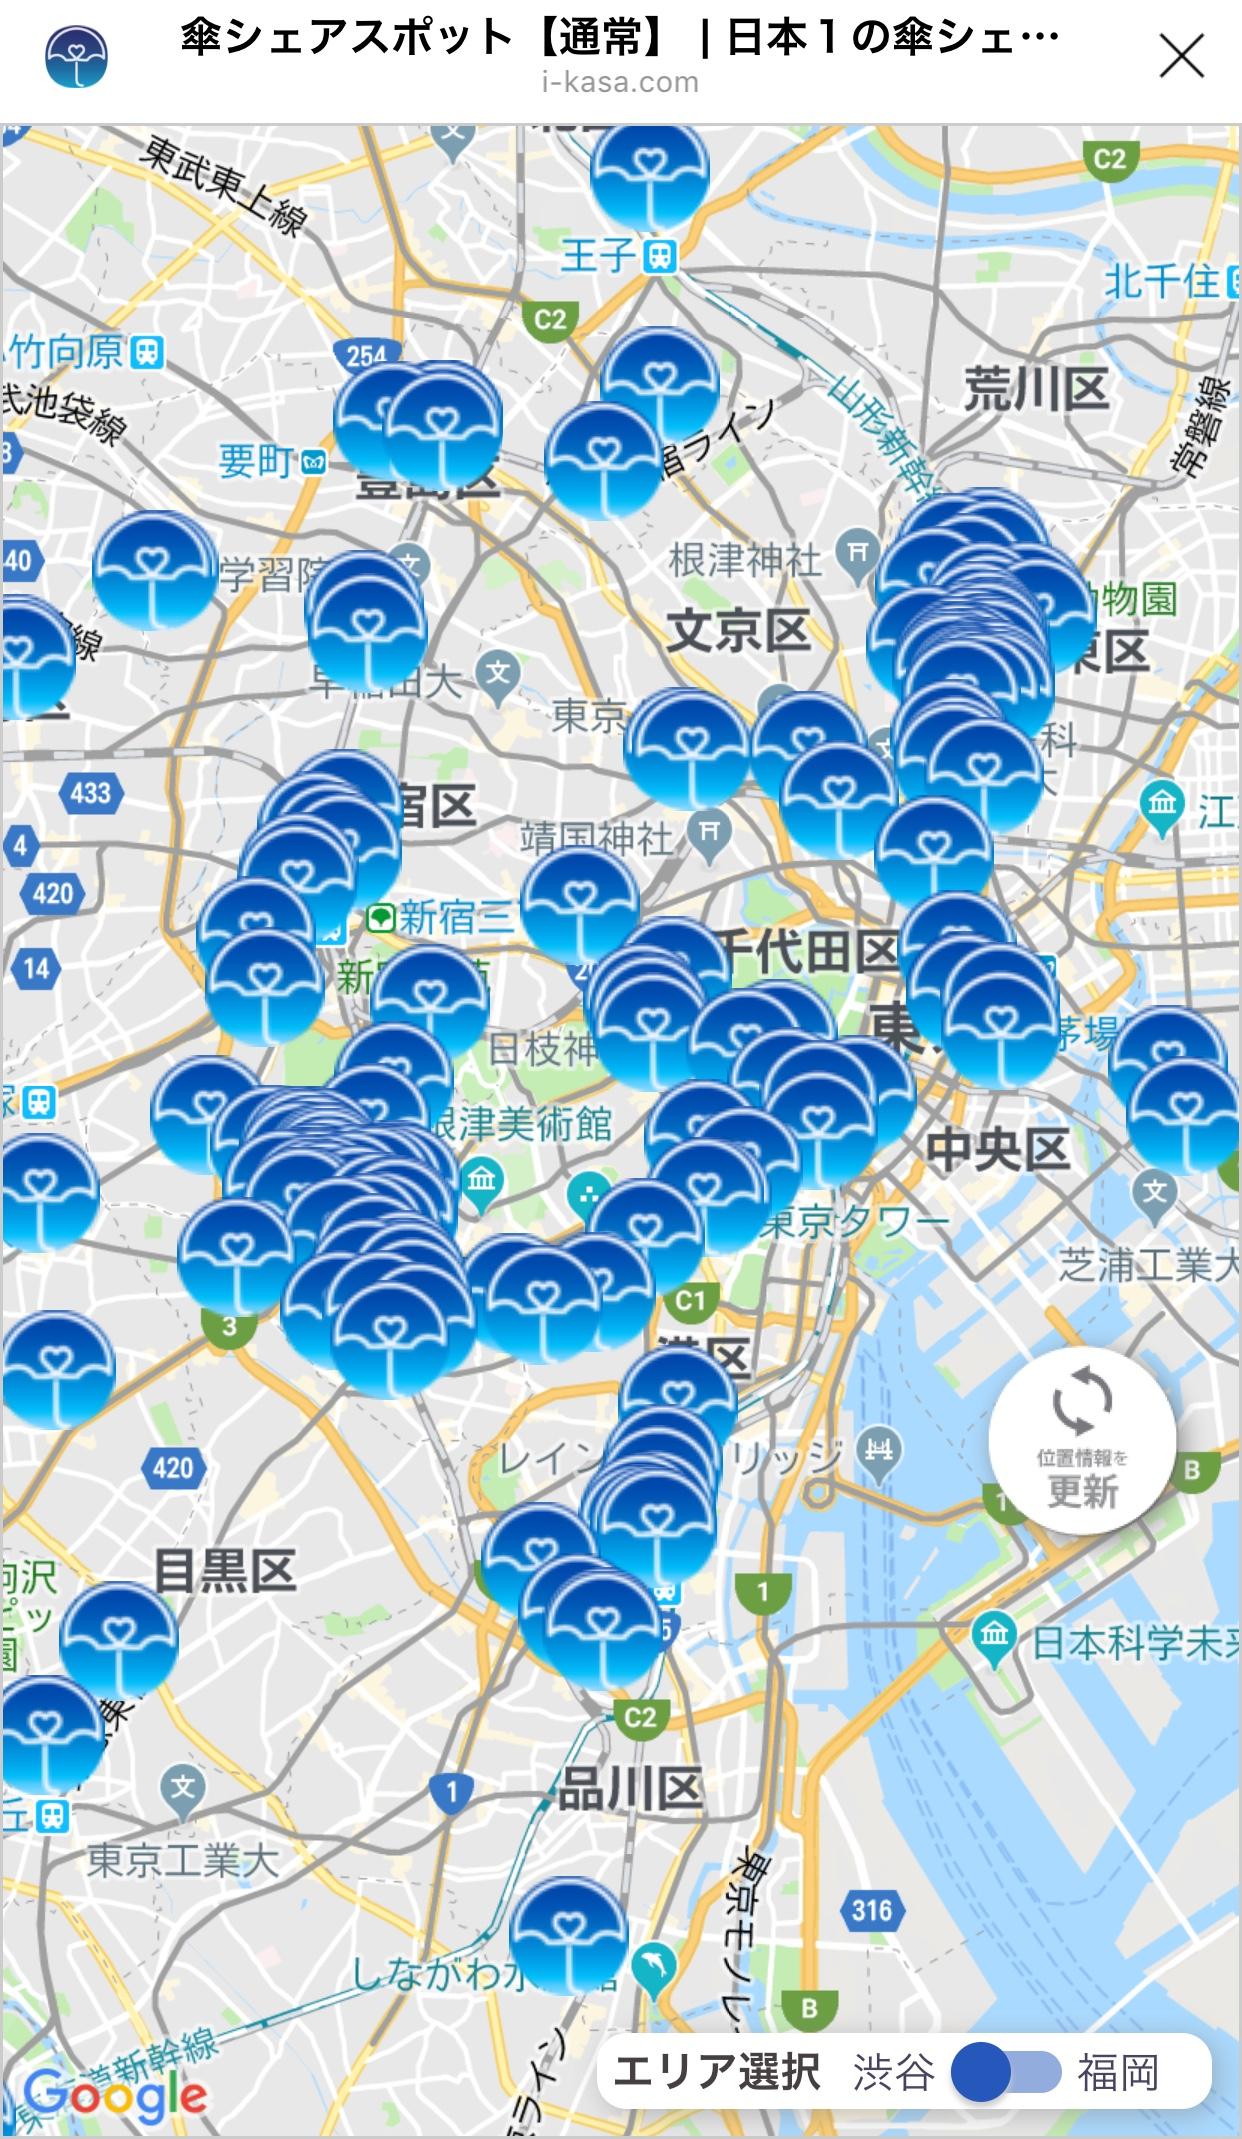 東京のスポット